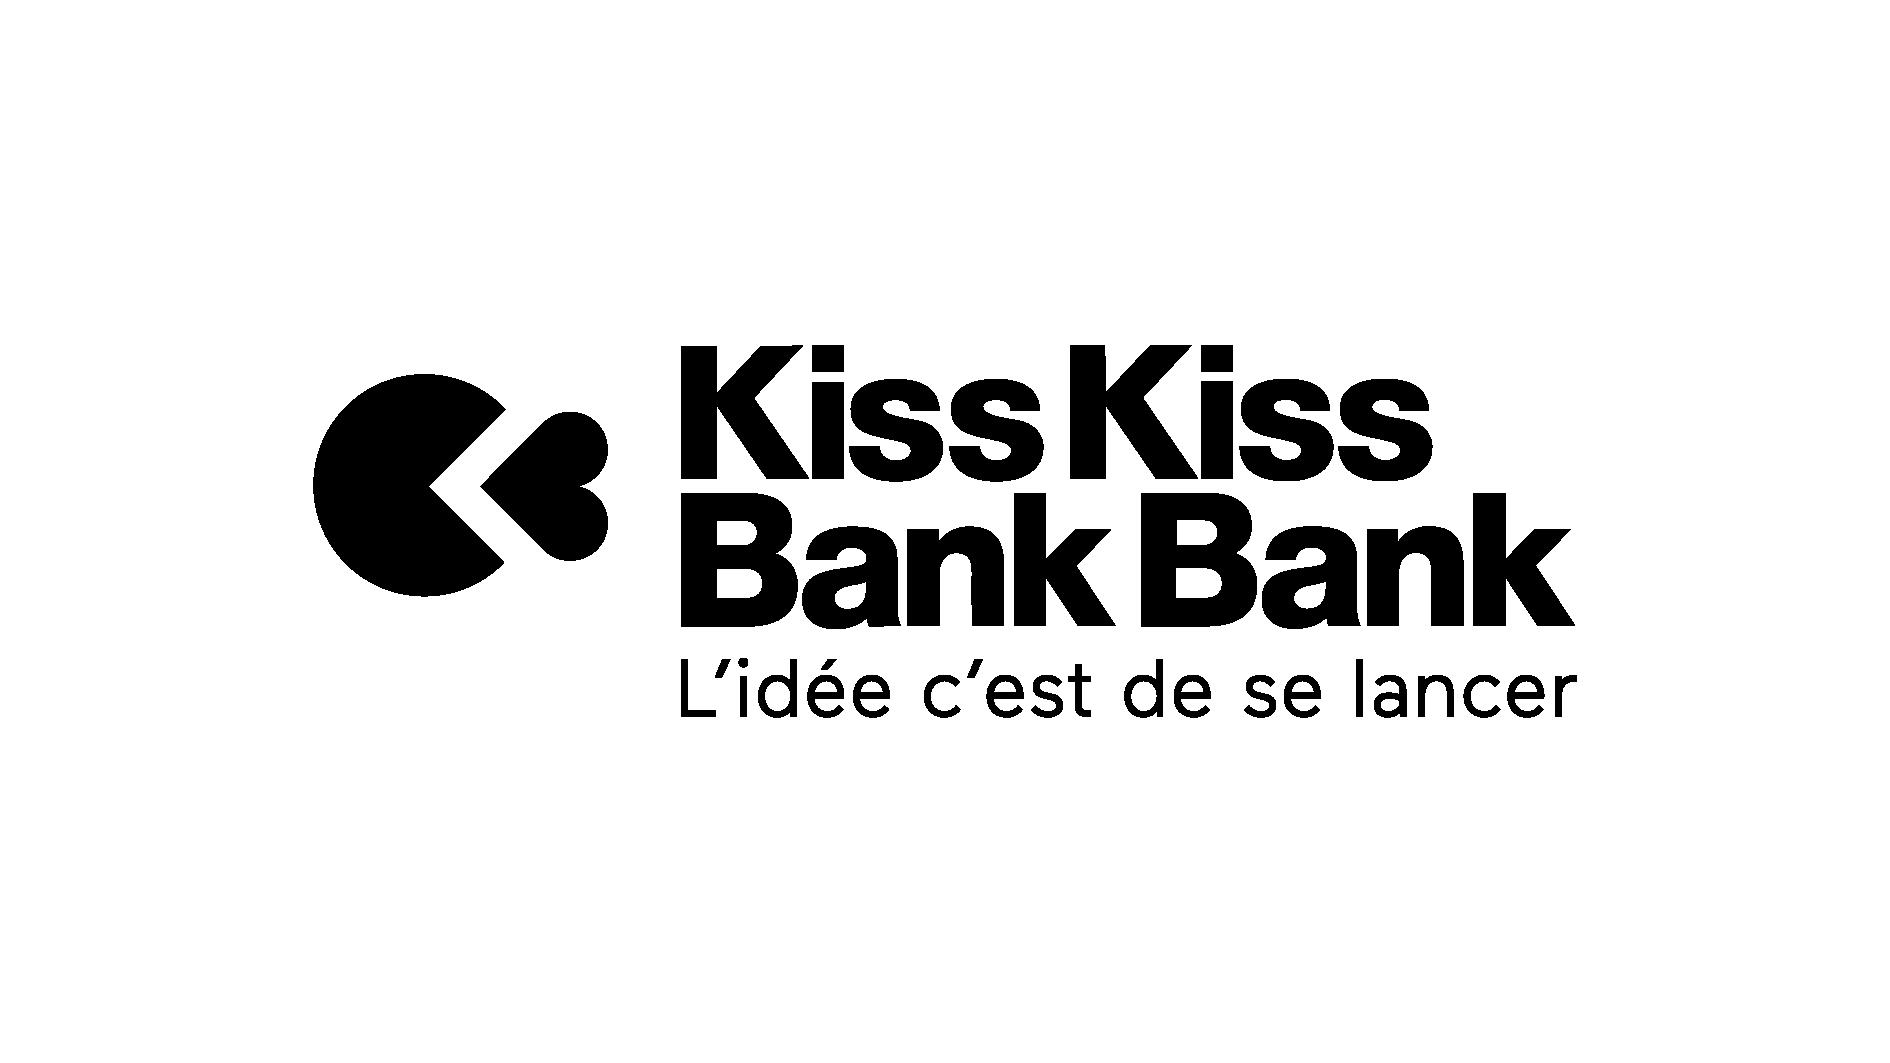 logo kkbb